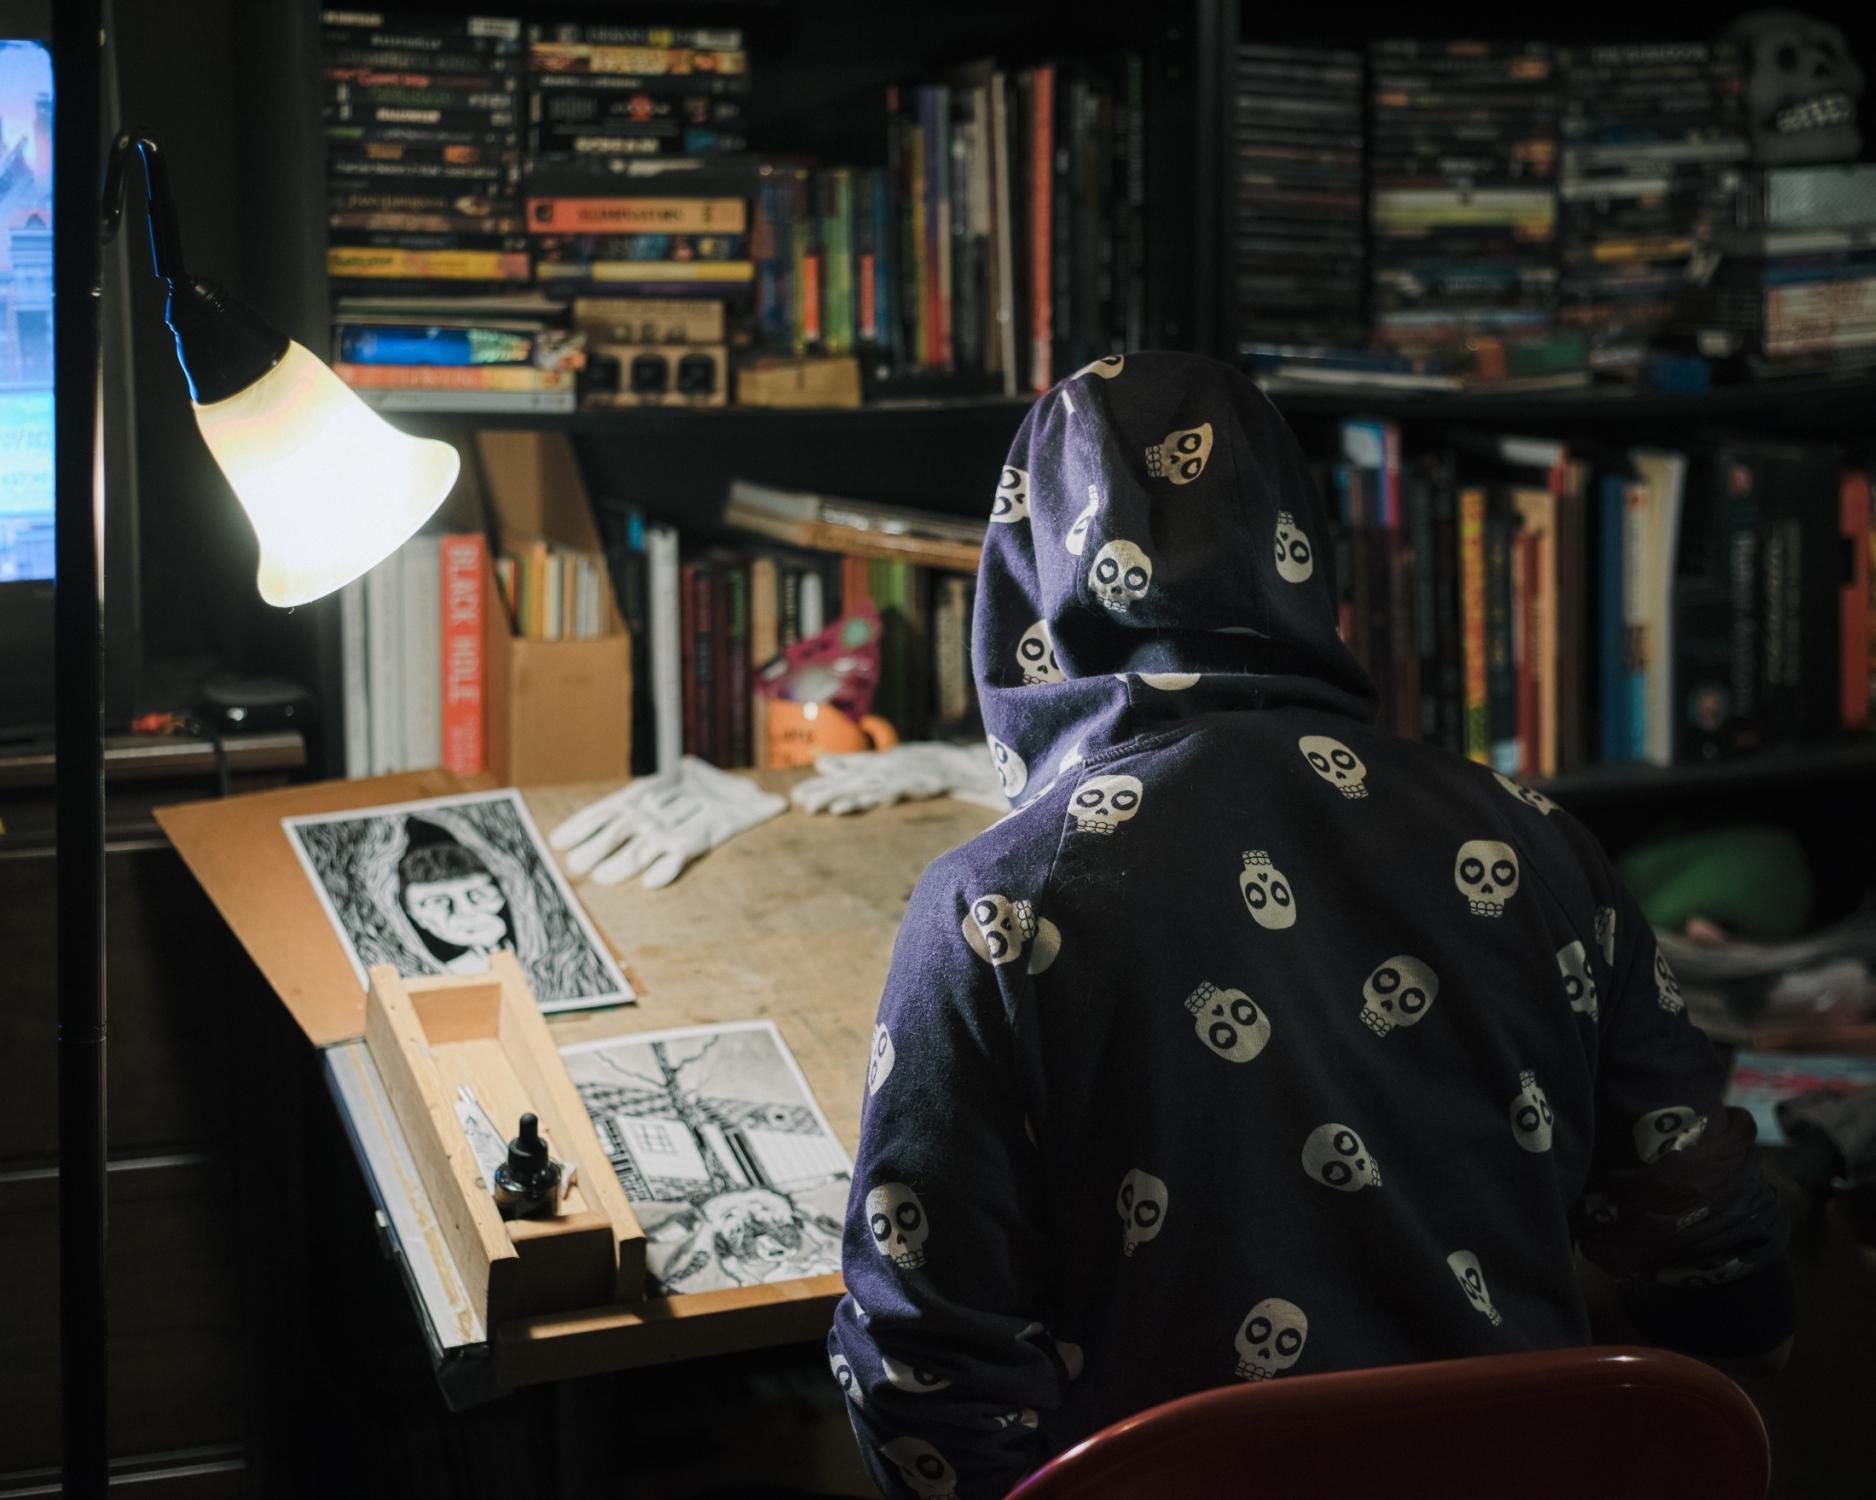 Jamesy drawing at his desk, 2019